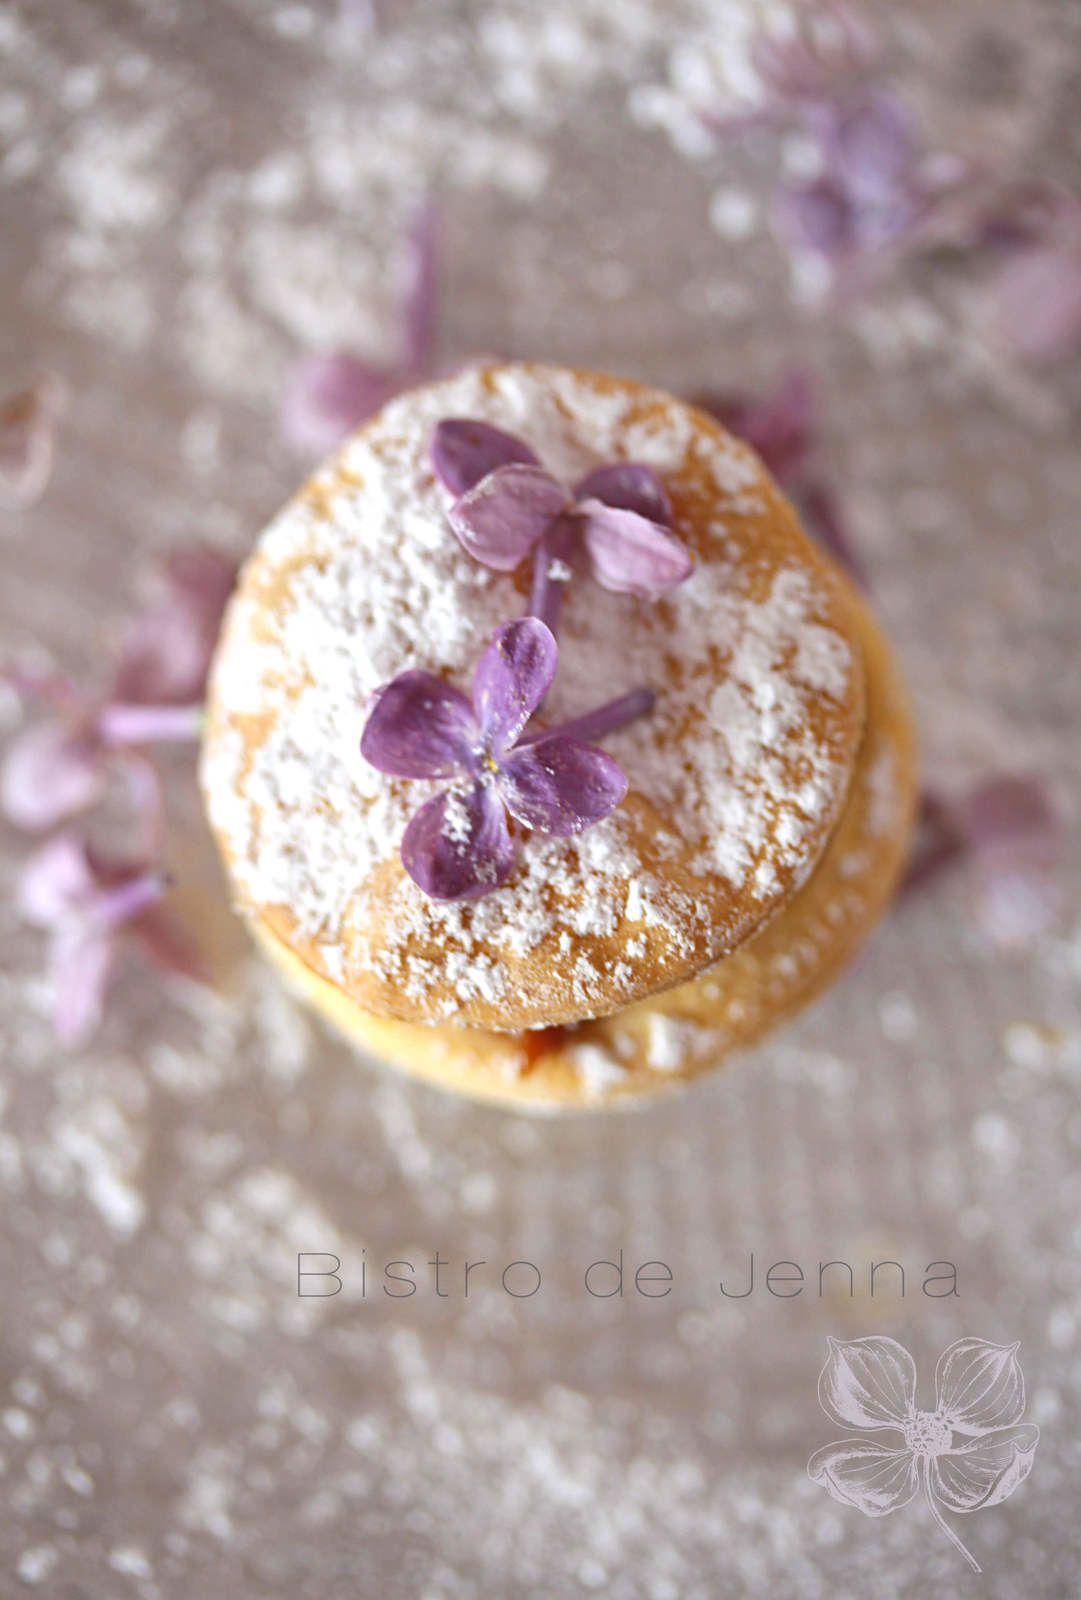 Biscuits Alfajores au mascarpone et confiture au lait